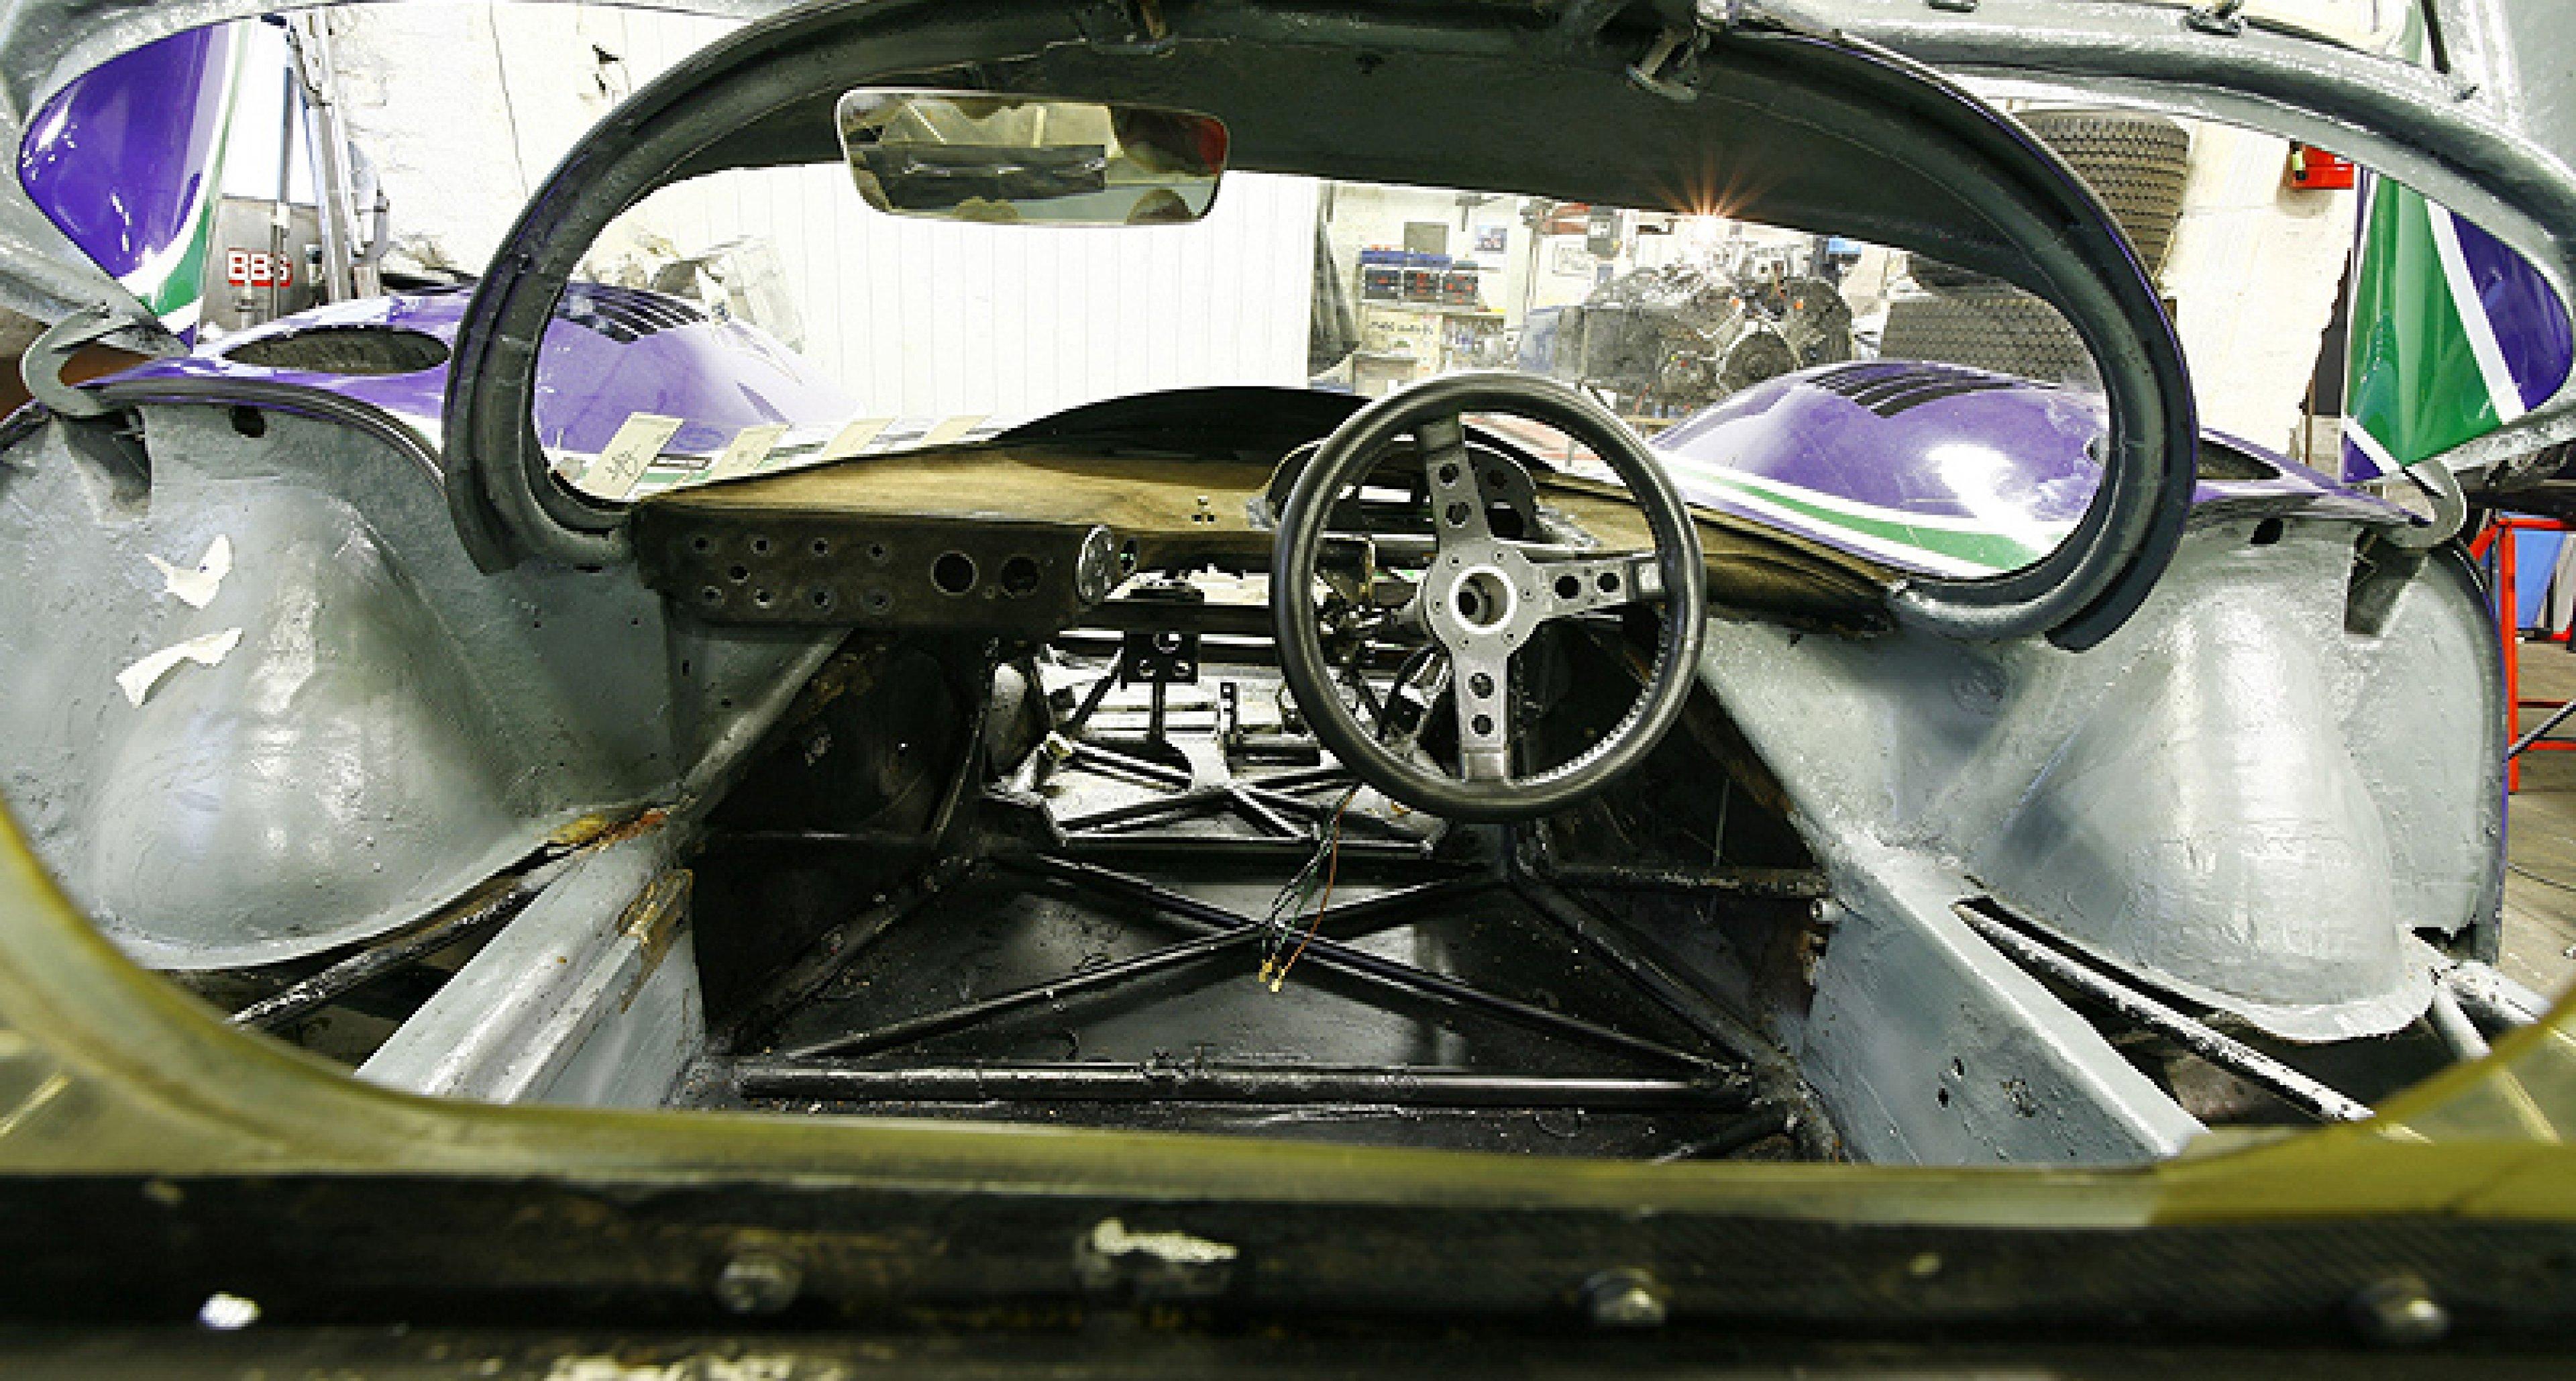 The 'Hippie' Porsche 917-021